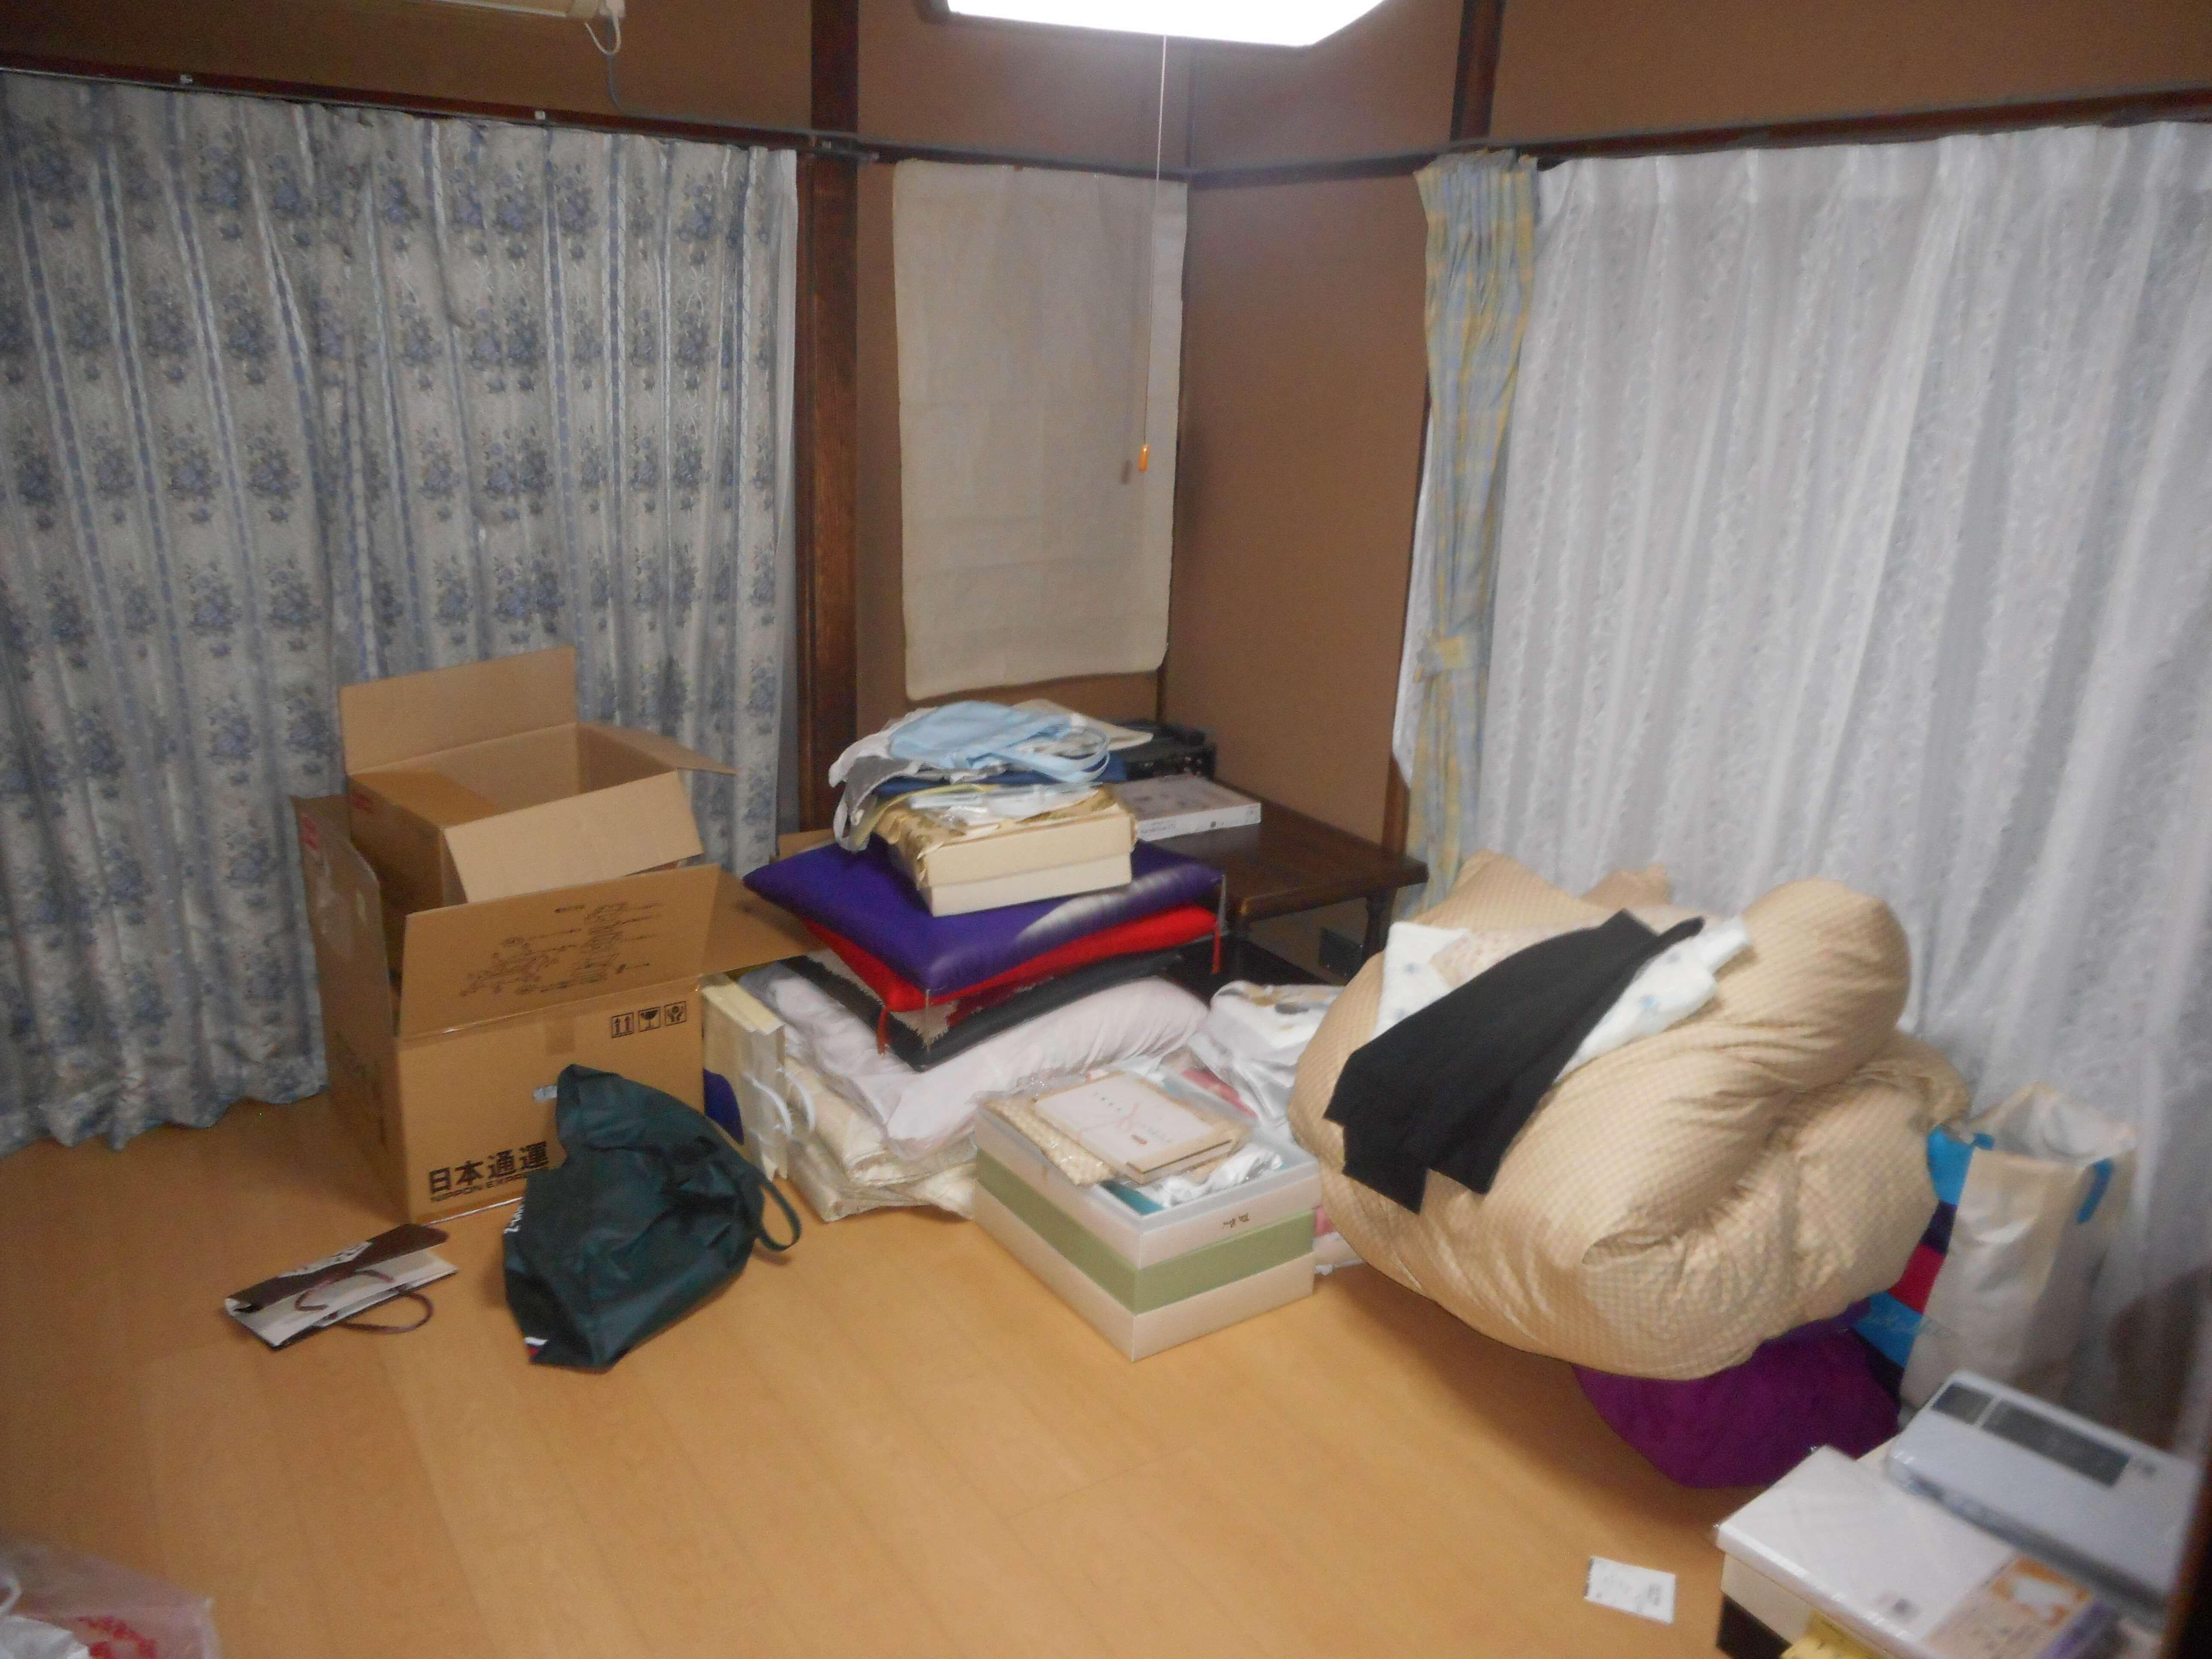 遺品整理前の部屋